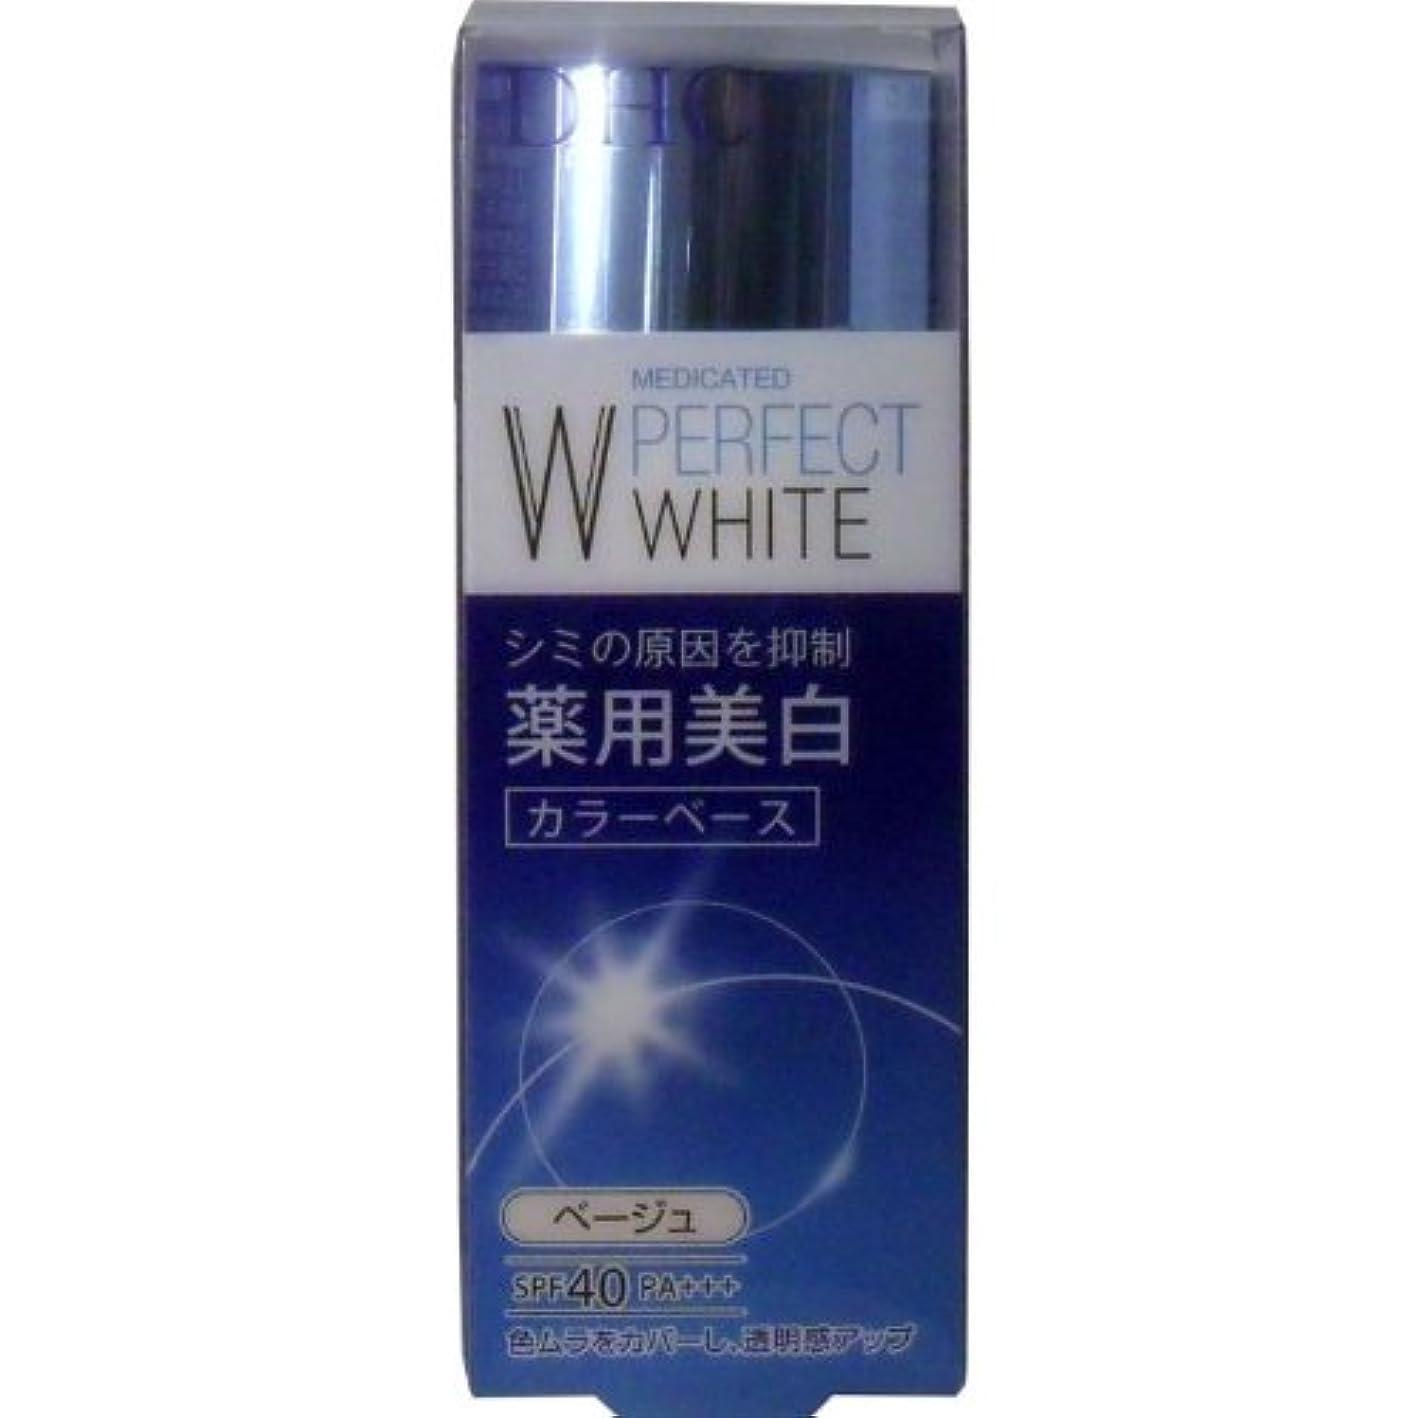 """冷ややかなラベンダー効率的薬用美白成分""""ビタミンC誘導体""""配合!DHC 薬用美白パーフェクトホワイト カラーベース ベージュ 30g 【5個セット】"""